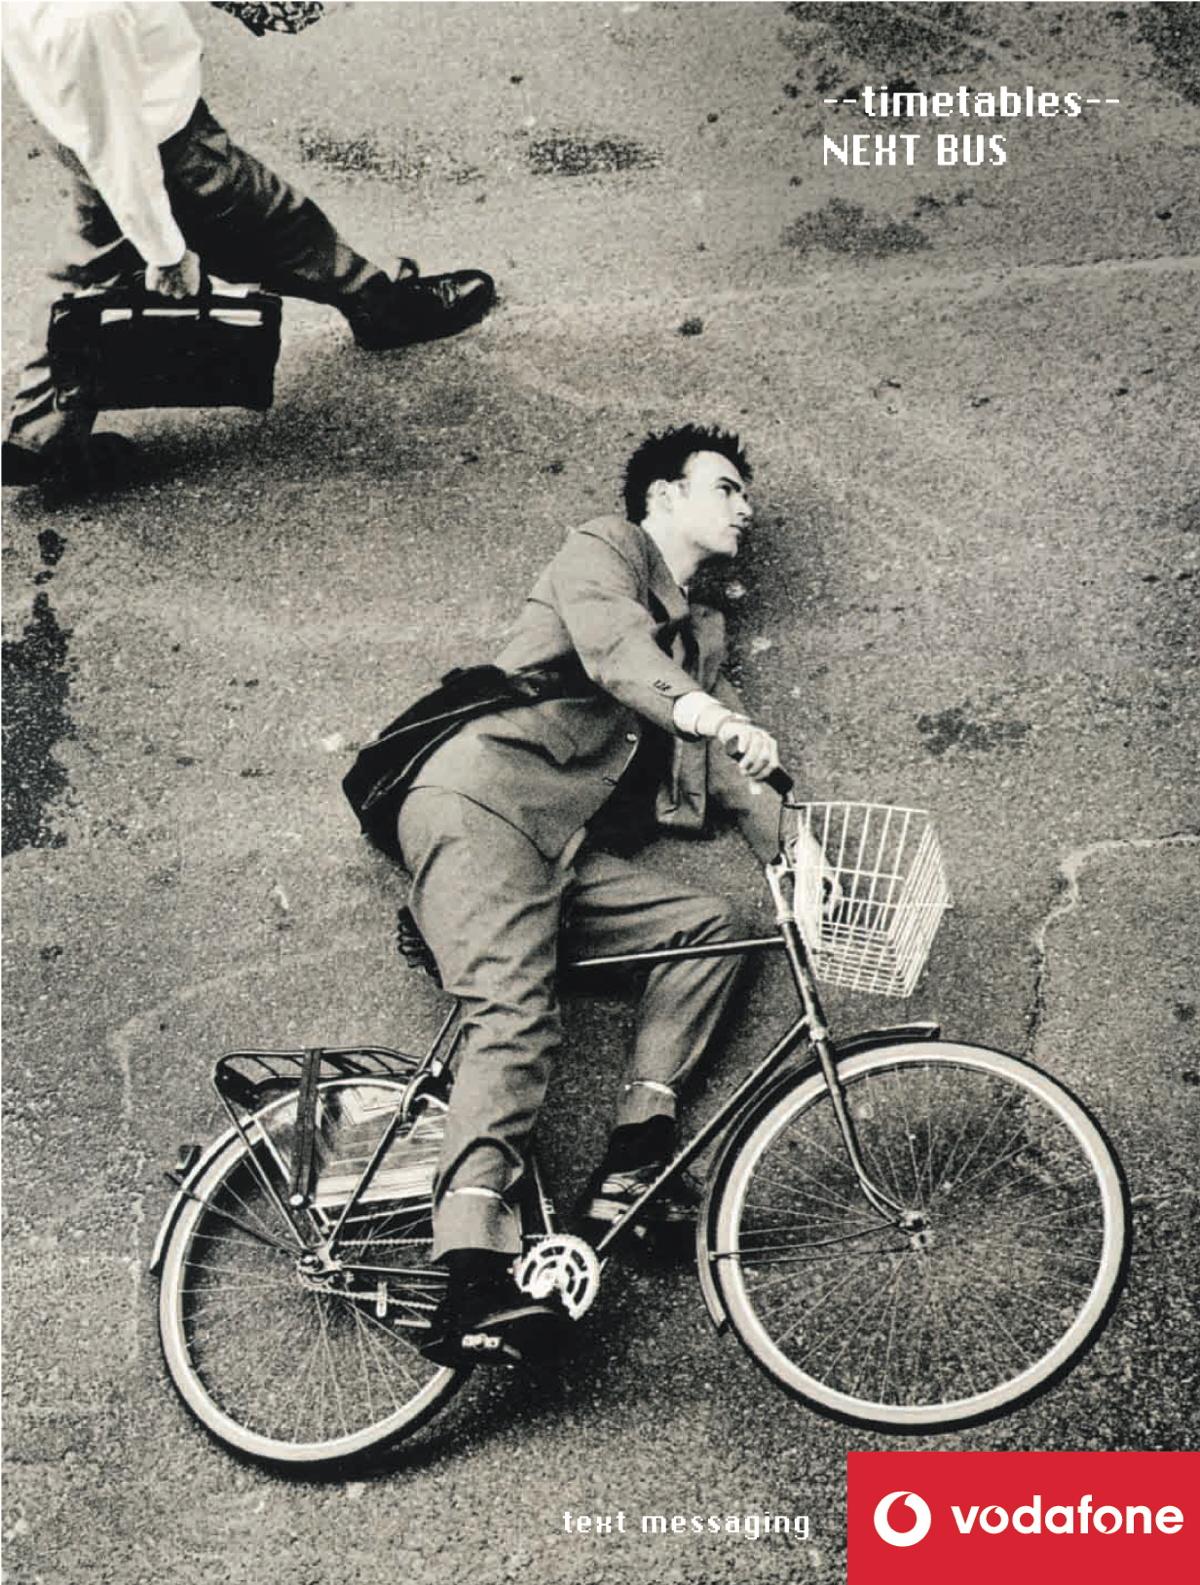 Vodafone Bike